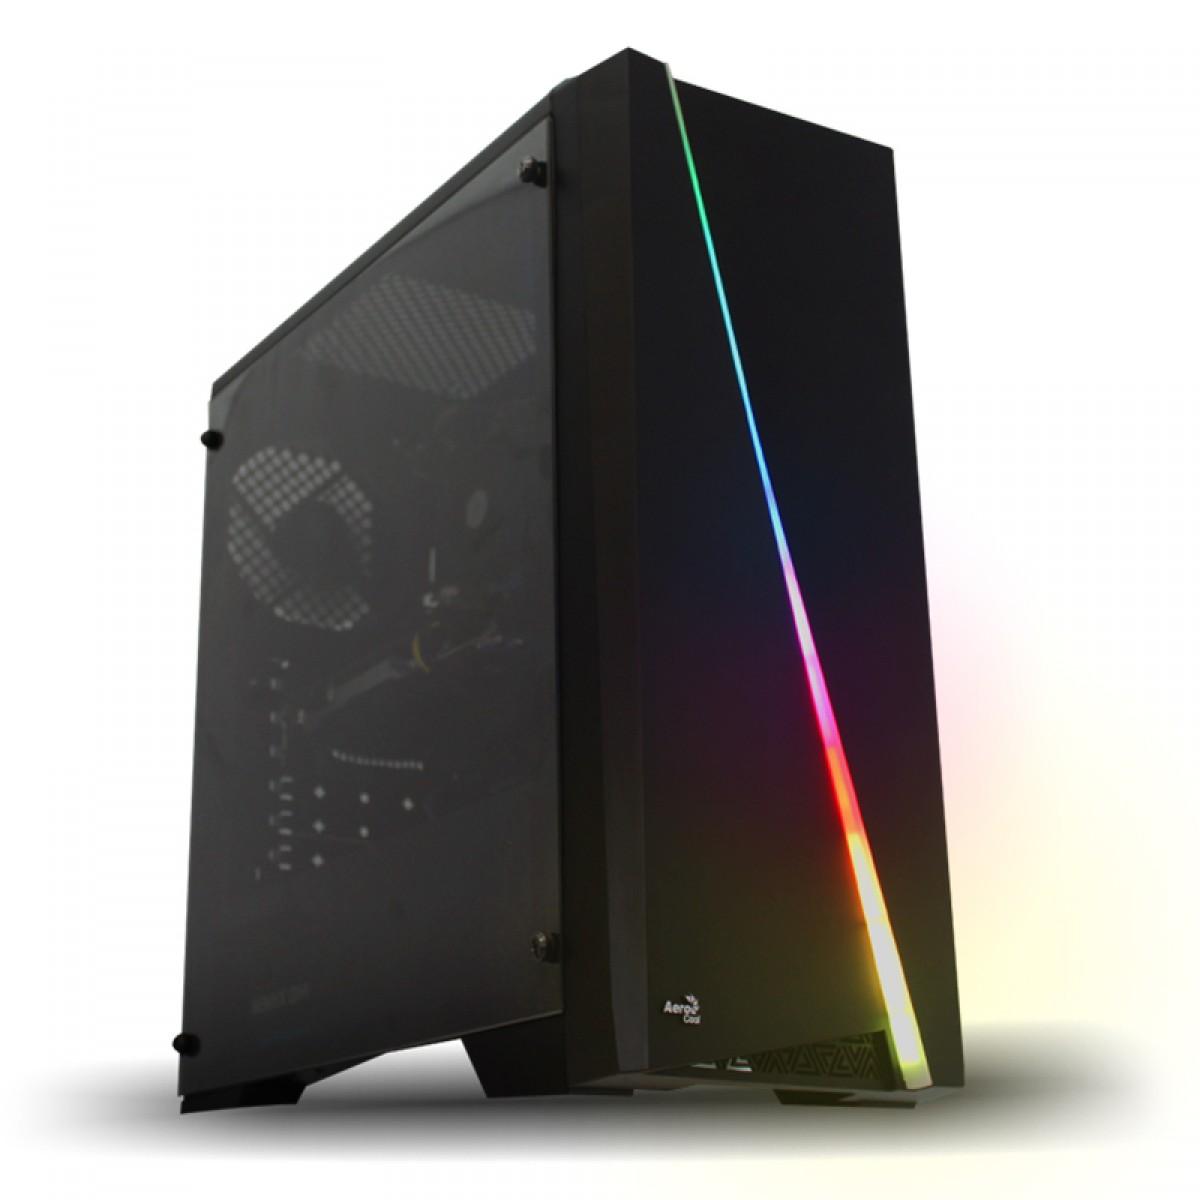 Pc Gamer T-Power Colonel Lvl-1 AMD Ryzen 7 2700 / Geforce GTX 1060 6GB / DDR4 8GB / HD 1TB / 600W